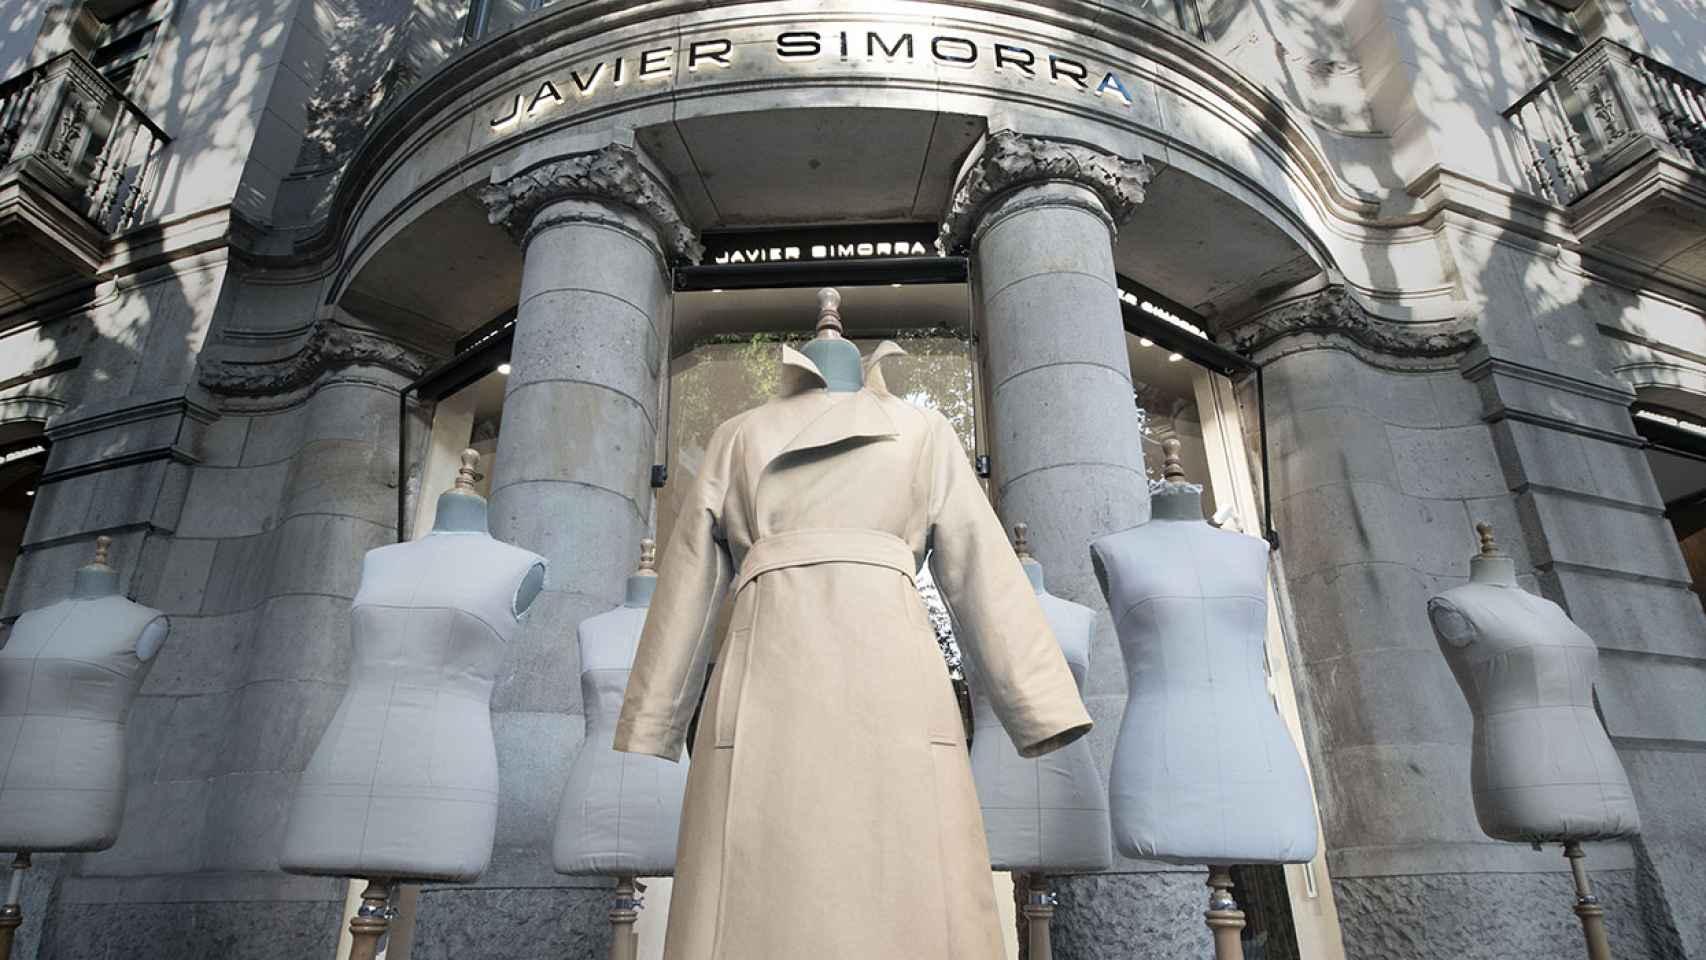 Simorra y El Corte Inglés lanzan moda con tejidos que protegen de virus y bacterias